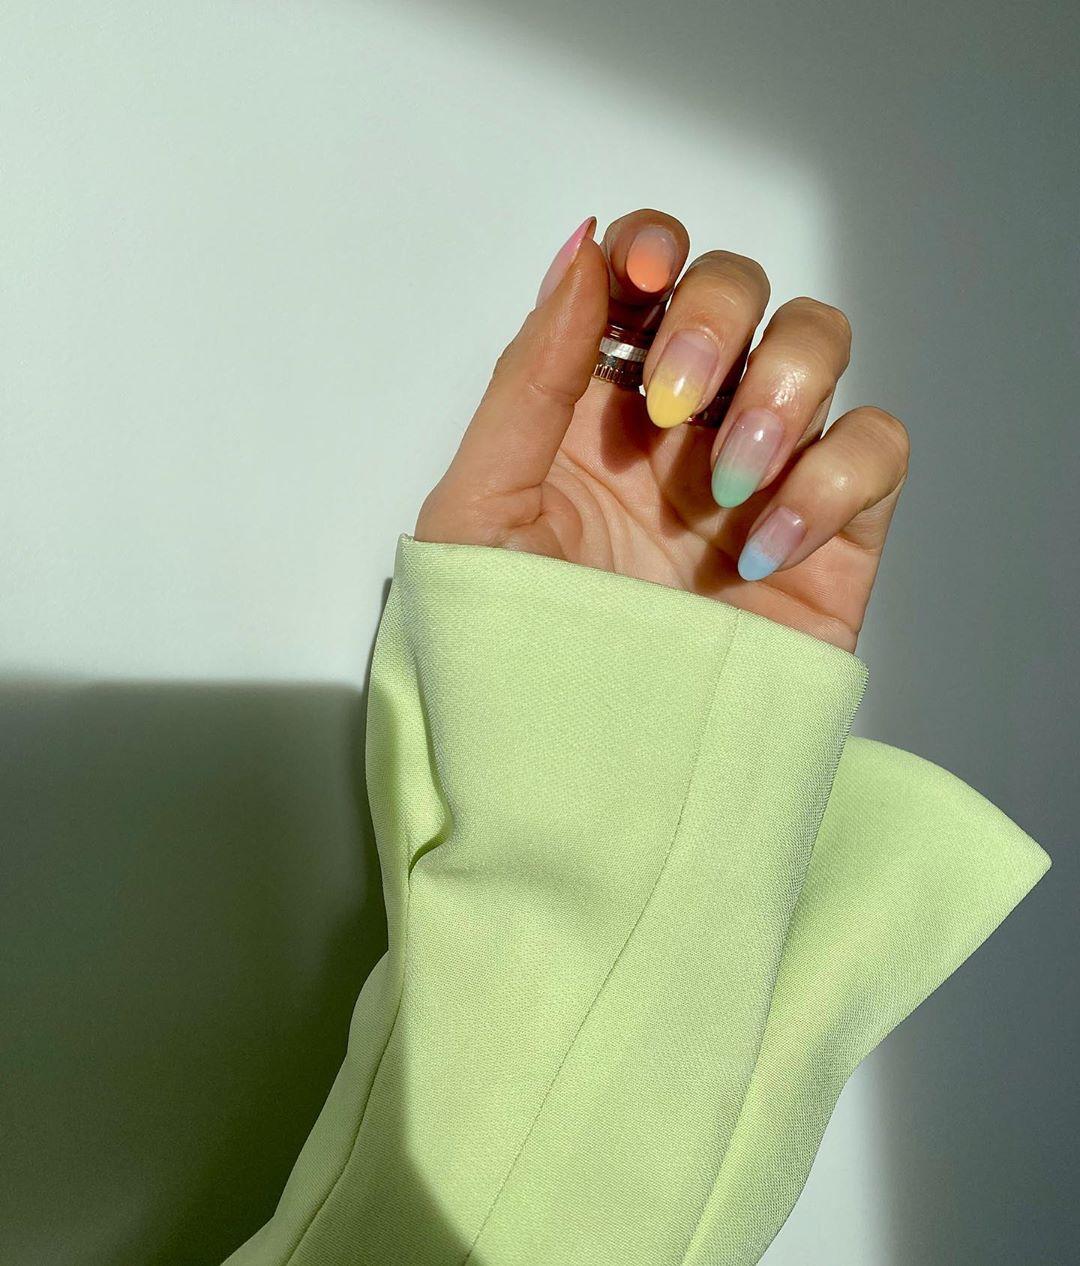 Υπάρχει chic τρόπος να βάλεις χρώμα στο μανικιούρ σου; Ναι και είναι το μεγαλύτερο trend του καλοκαιριού